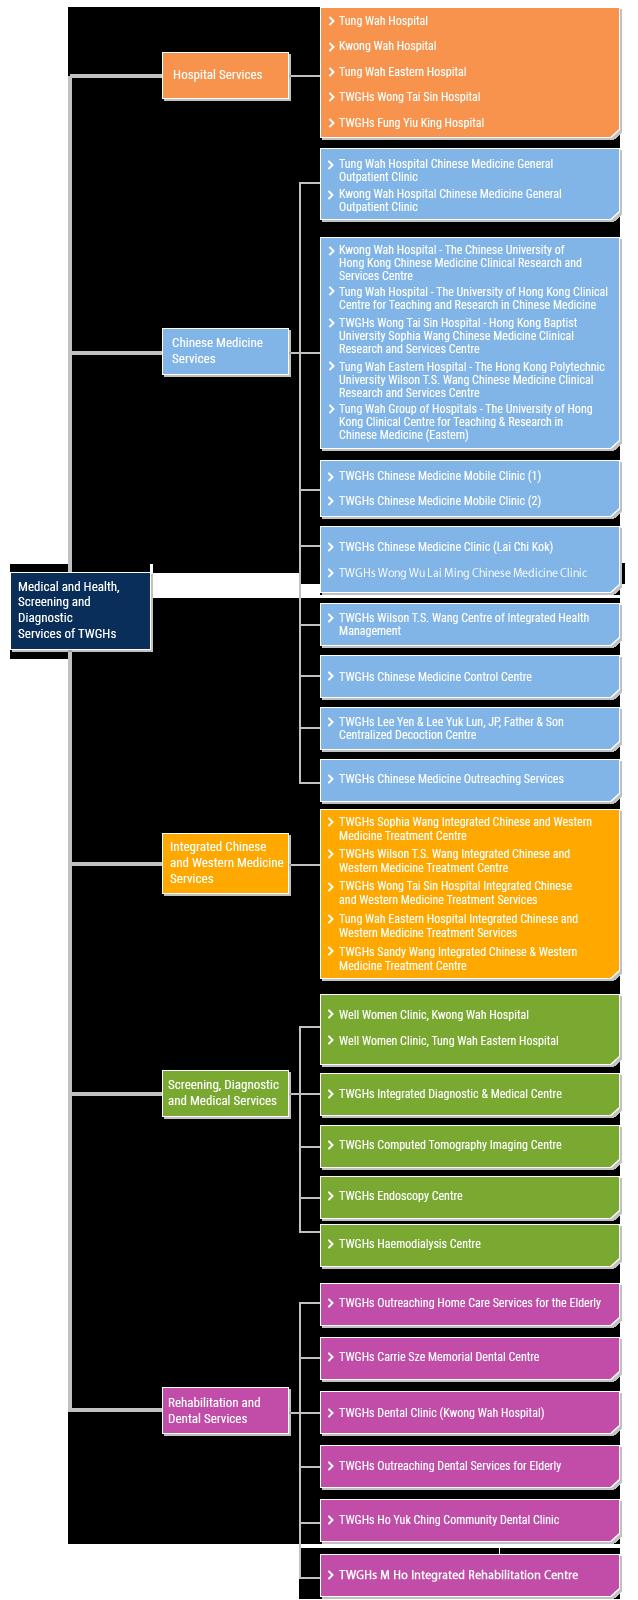 md_structure_diagram_en